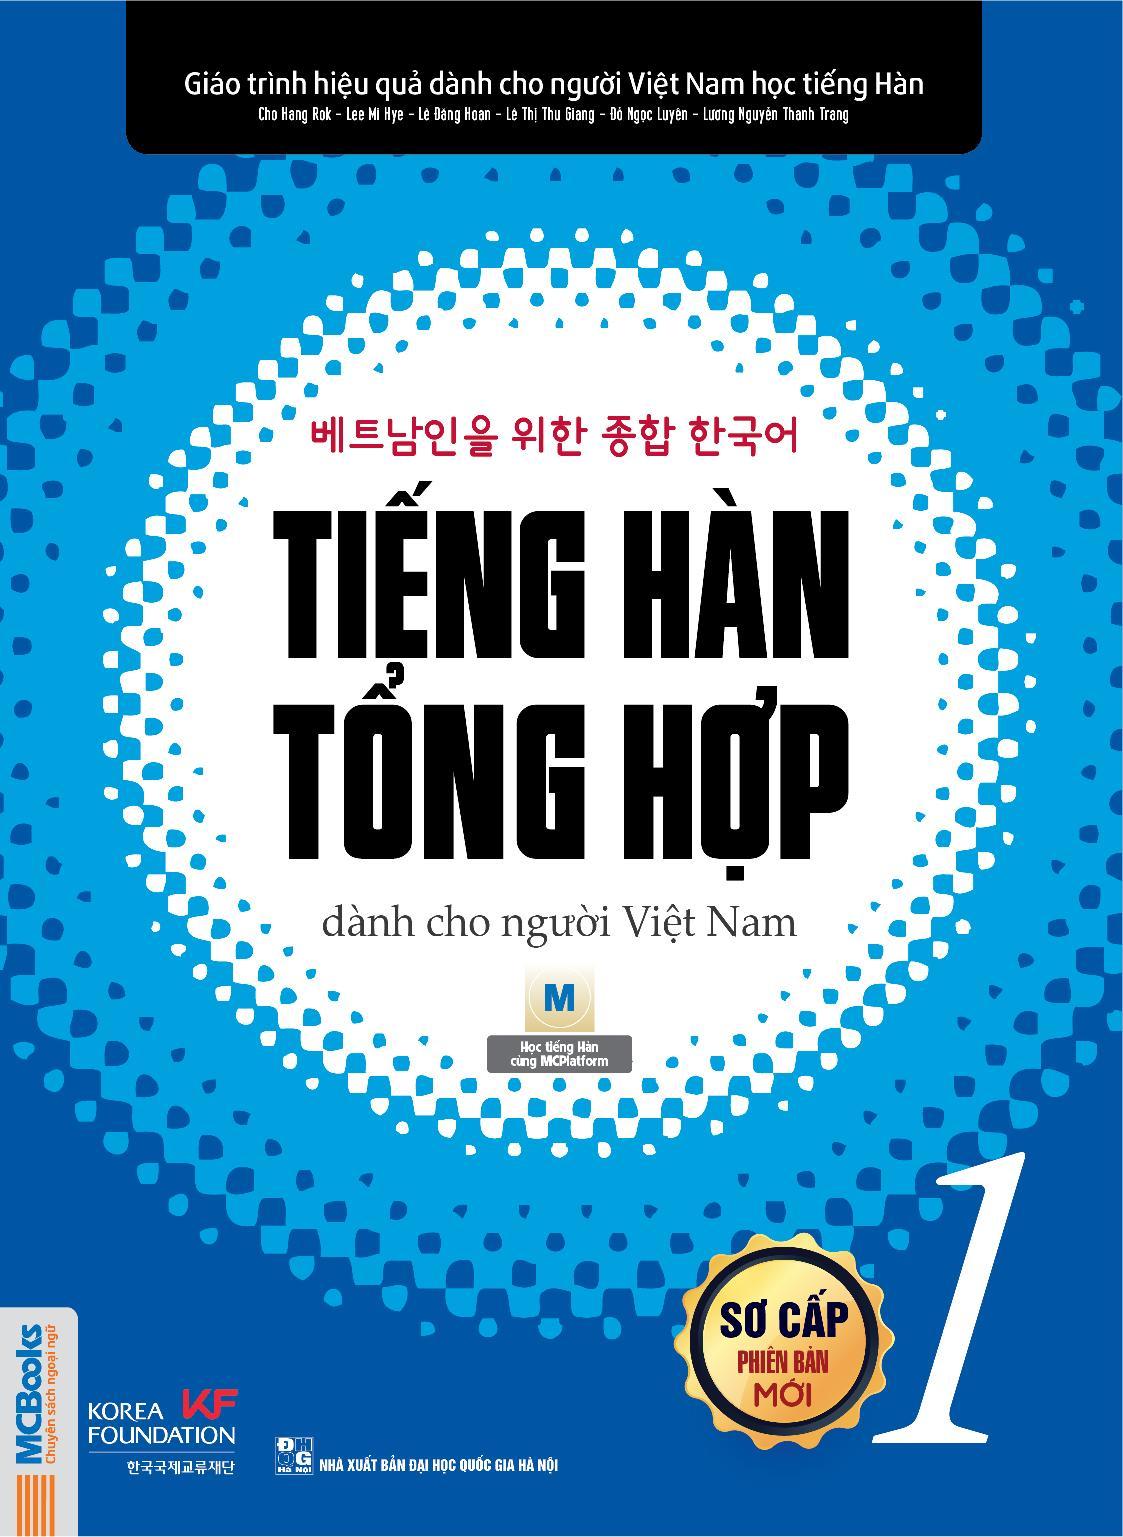 Sách -Giáo Trình Tiếng Hàn Tổng Hợp Dành Cho Người Việt Sơ Cấp 1 SGK Đang Có Khuyến Mãi